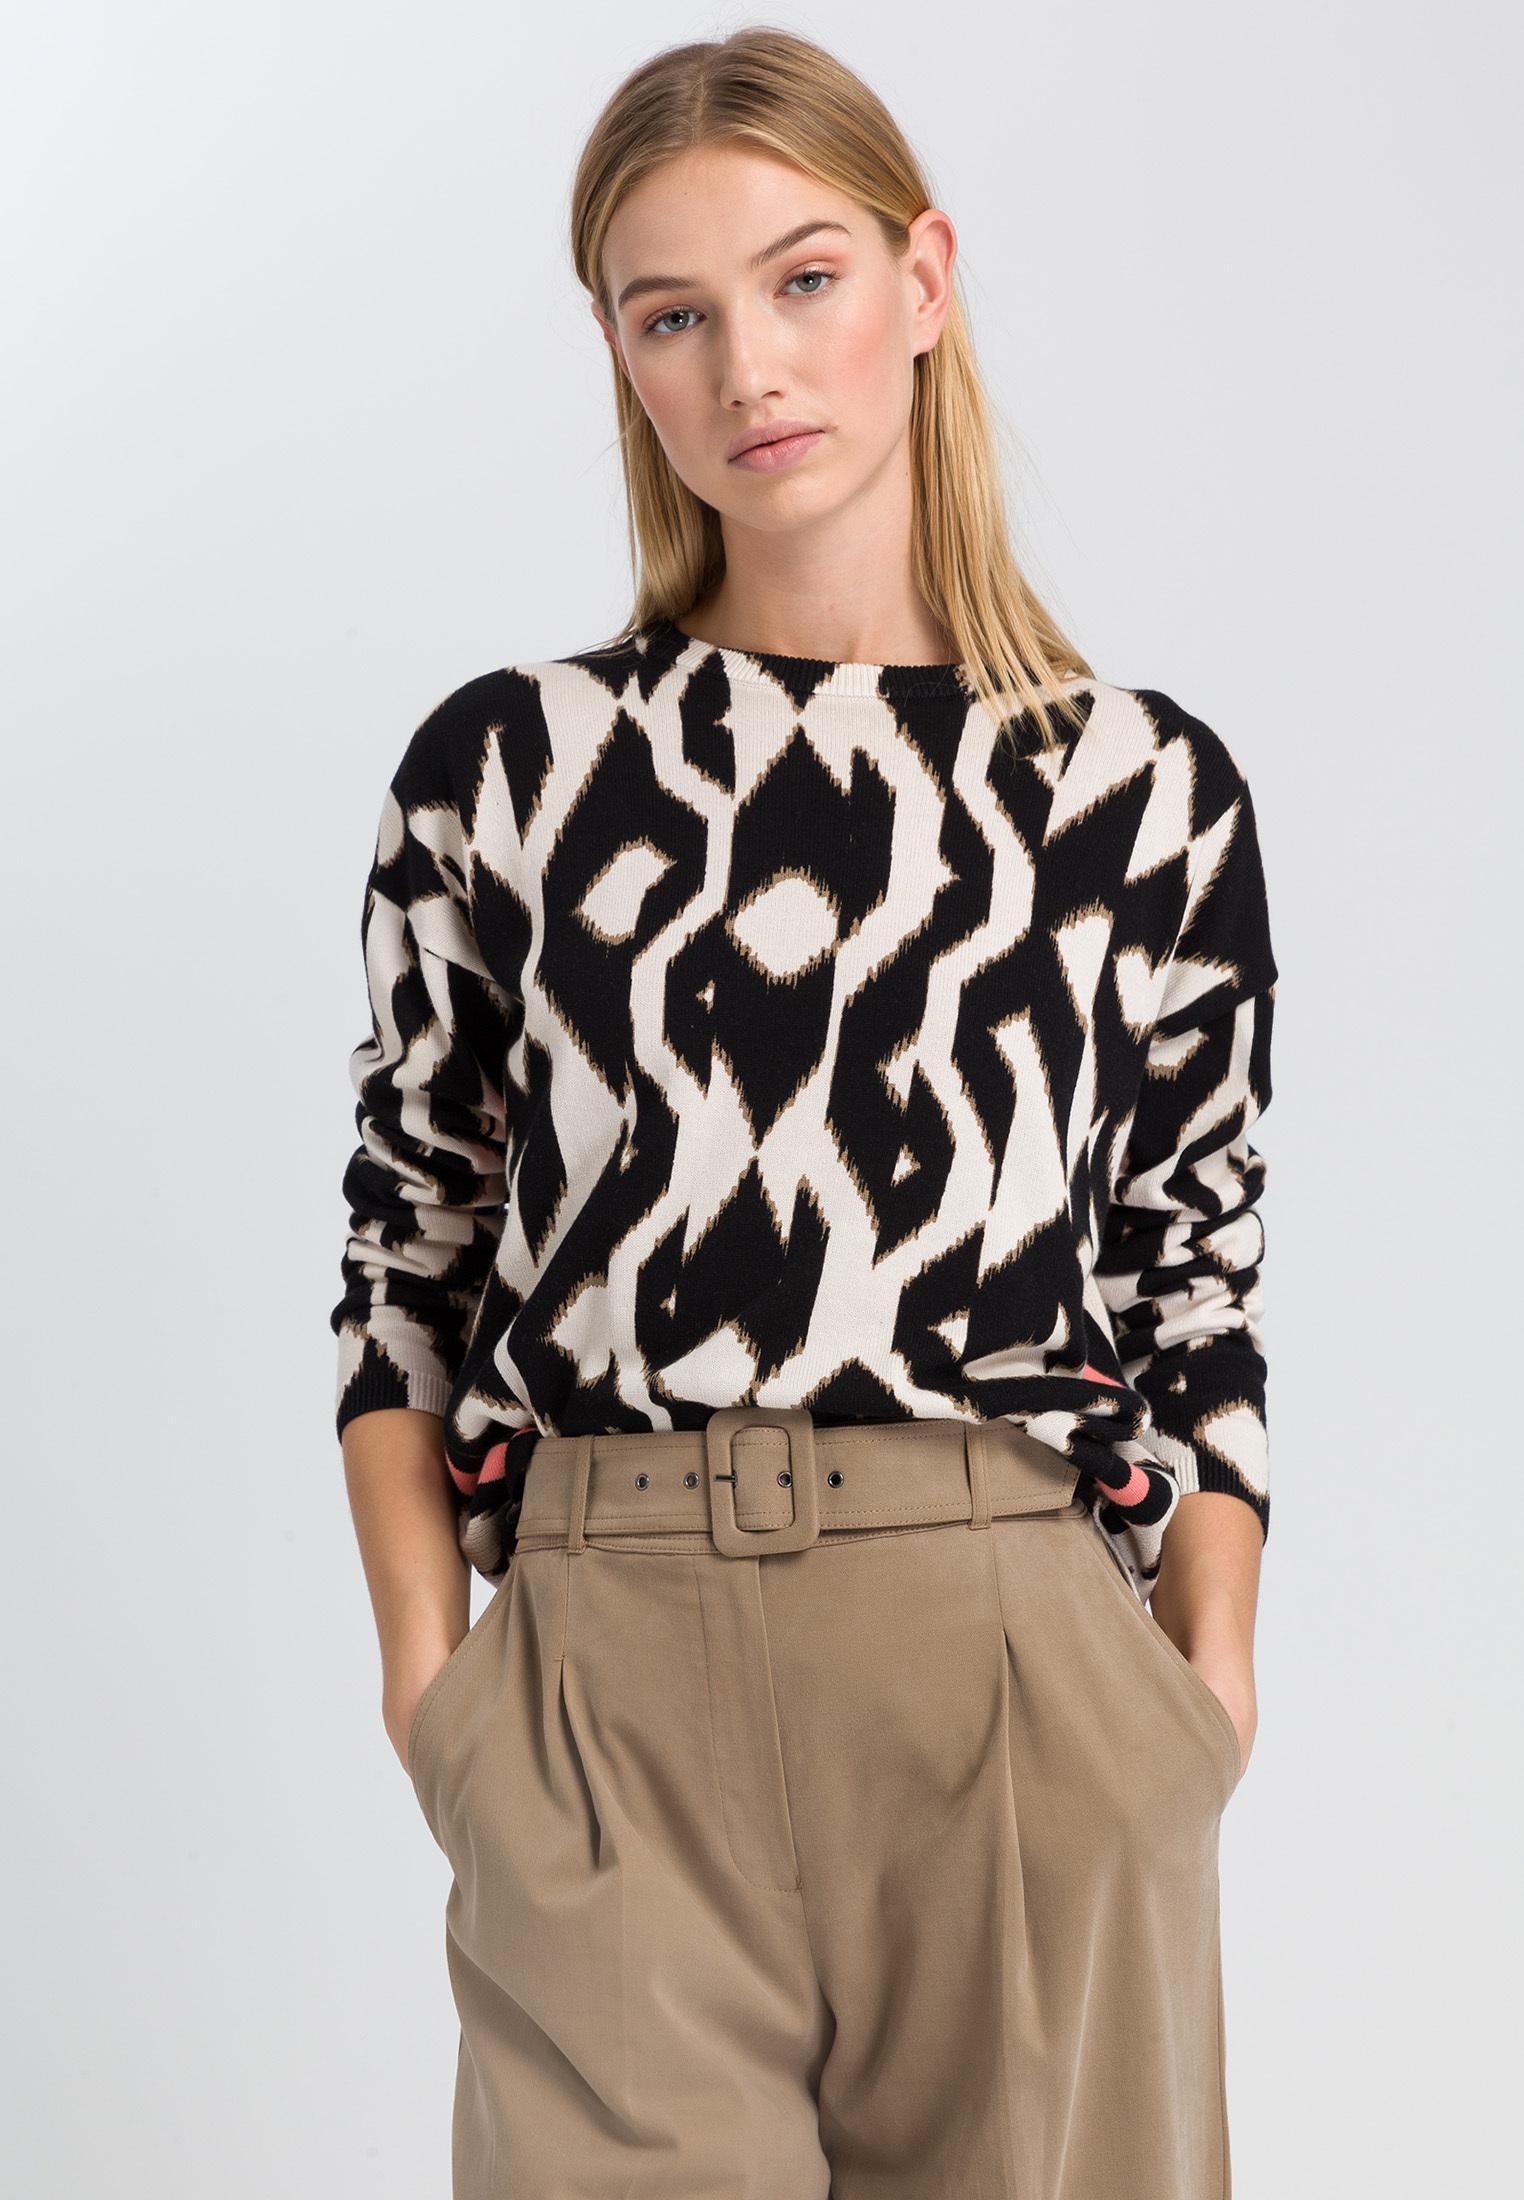 Artikel klicken und genauer betrachten! - Klassisches Schwarz-Weiß-Design wird mit diesem individuellen Muster neu interpretiert. Der Pullover ist aus reinem Baumwollgarn gearbeitet und umhüllt mit überschnittenen Schultern und verlängerter Rückseite lässig die Silhouette. Einfach eine Röhrenjeans oder Slim-fit-Pants ergänzen und das Outfit ist perfekt. | im Online Shop kaufen